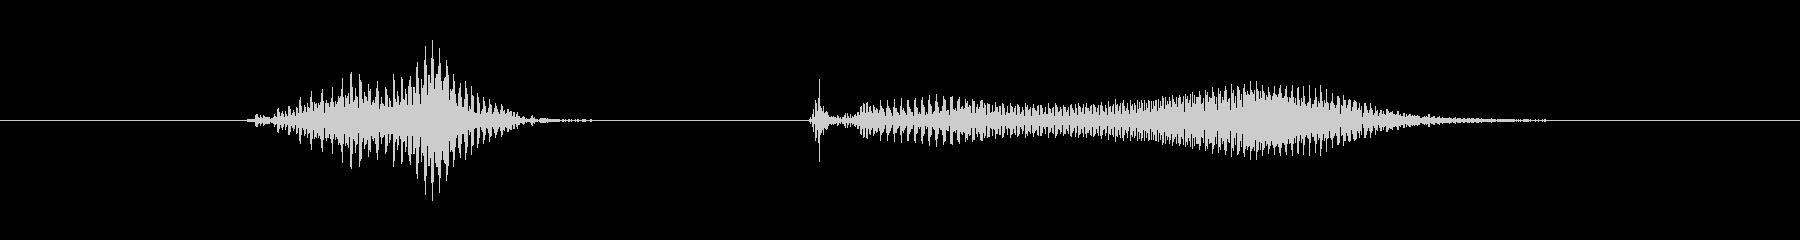 オッケーの未再生の波形